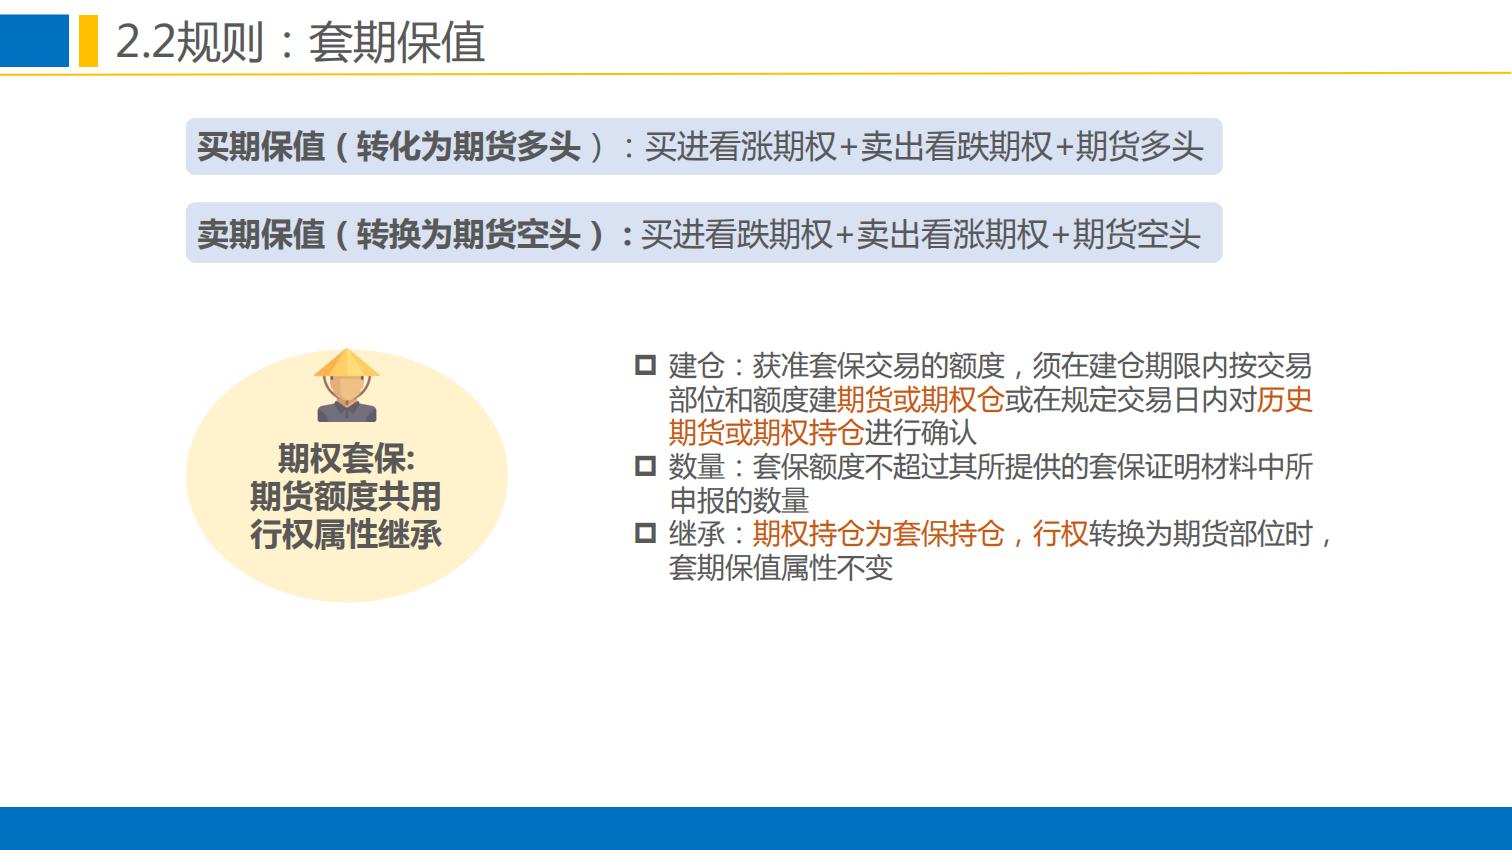 晨会:郑商所培训分享-棉花期权合约规则与上市工作安排0111.pdfx_26.png